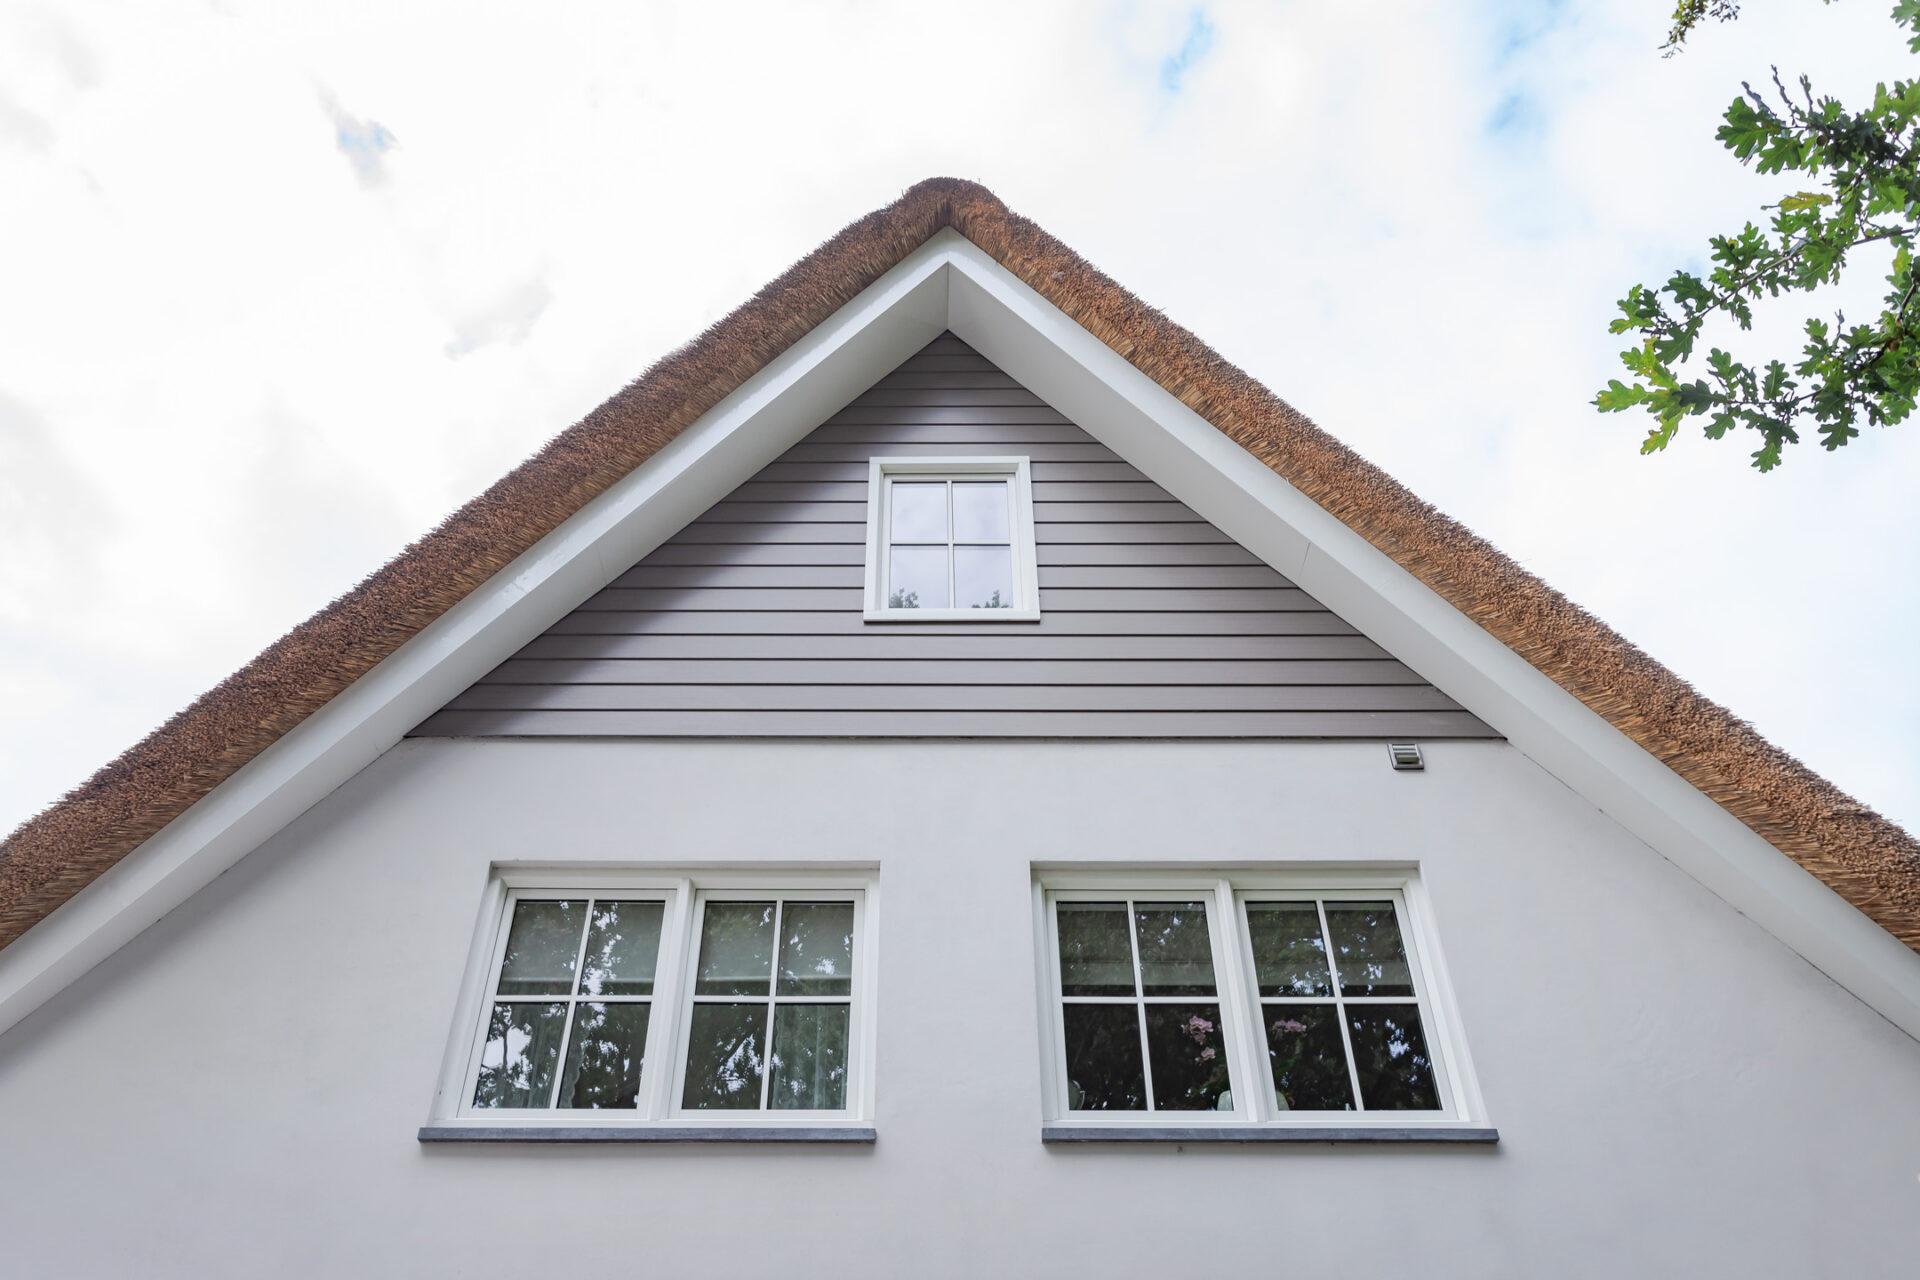 Select Windows kunststof kozijnen - kunststof kozijnen Bergen - kunststof ramen